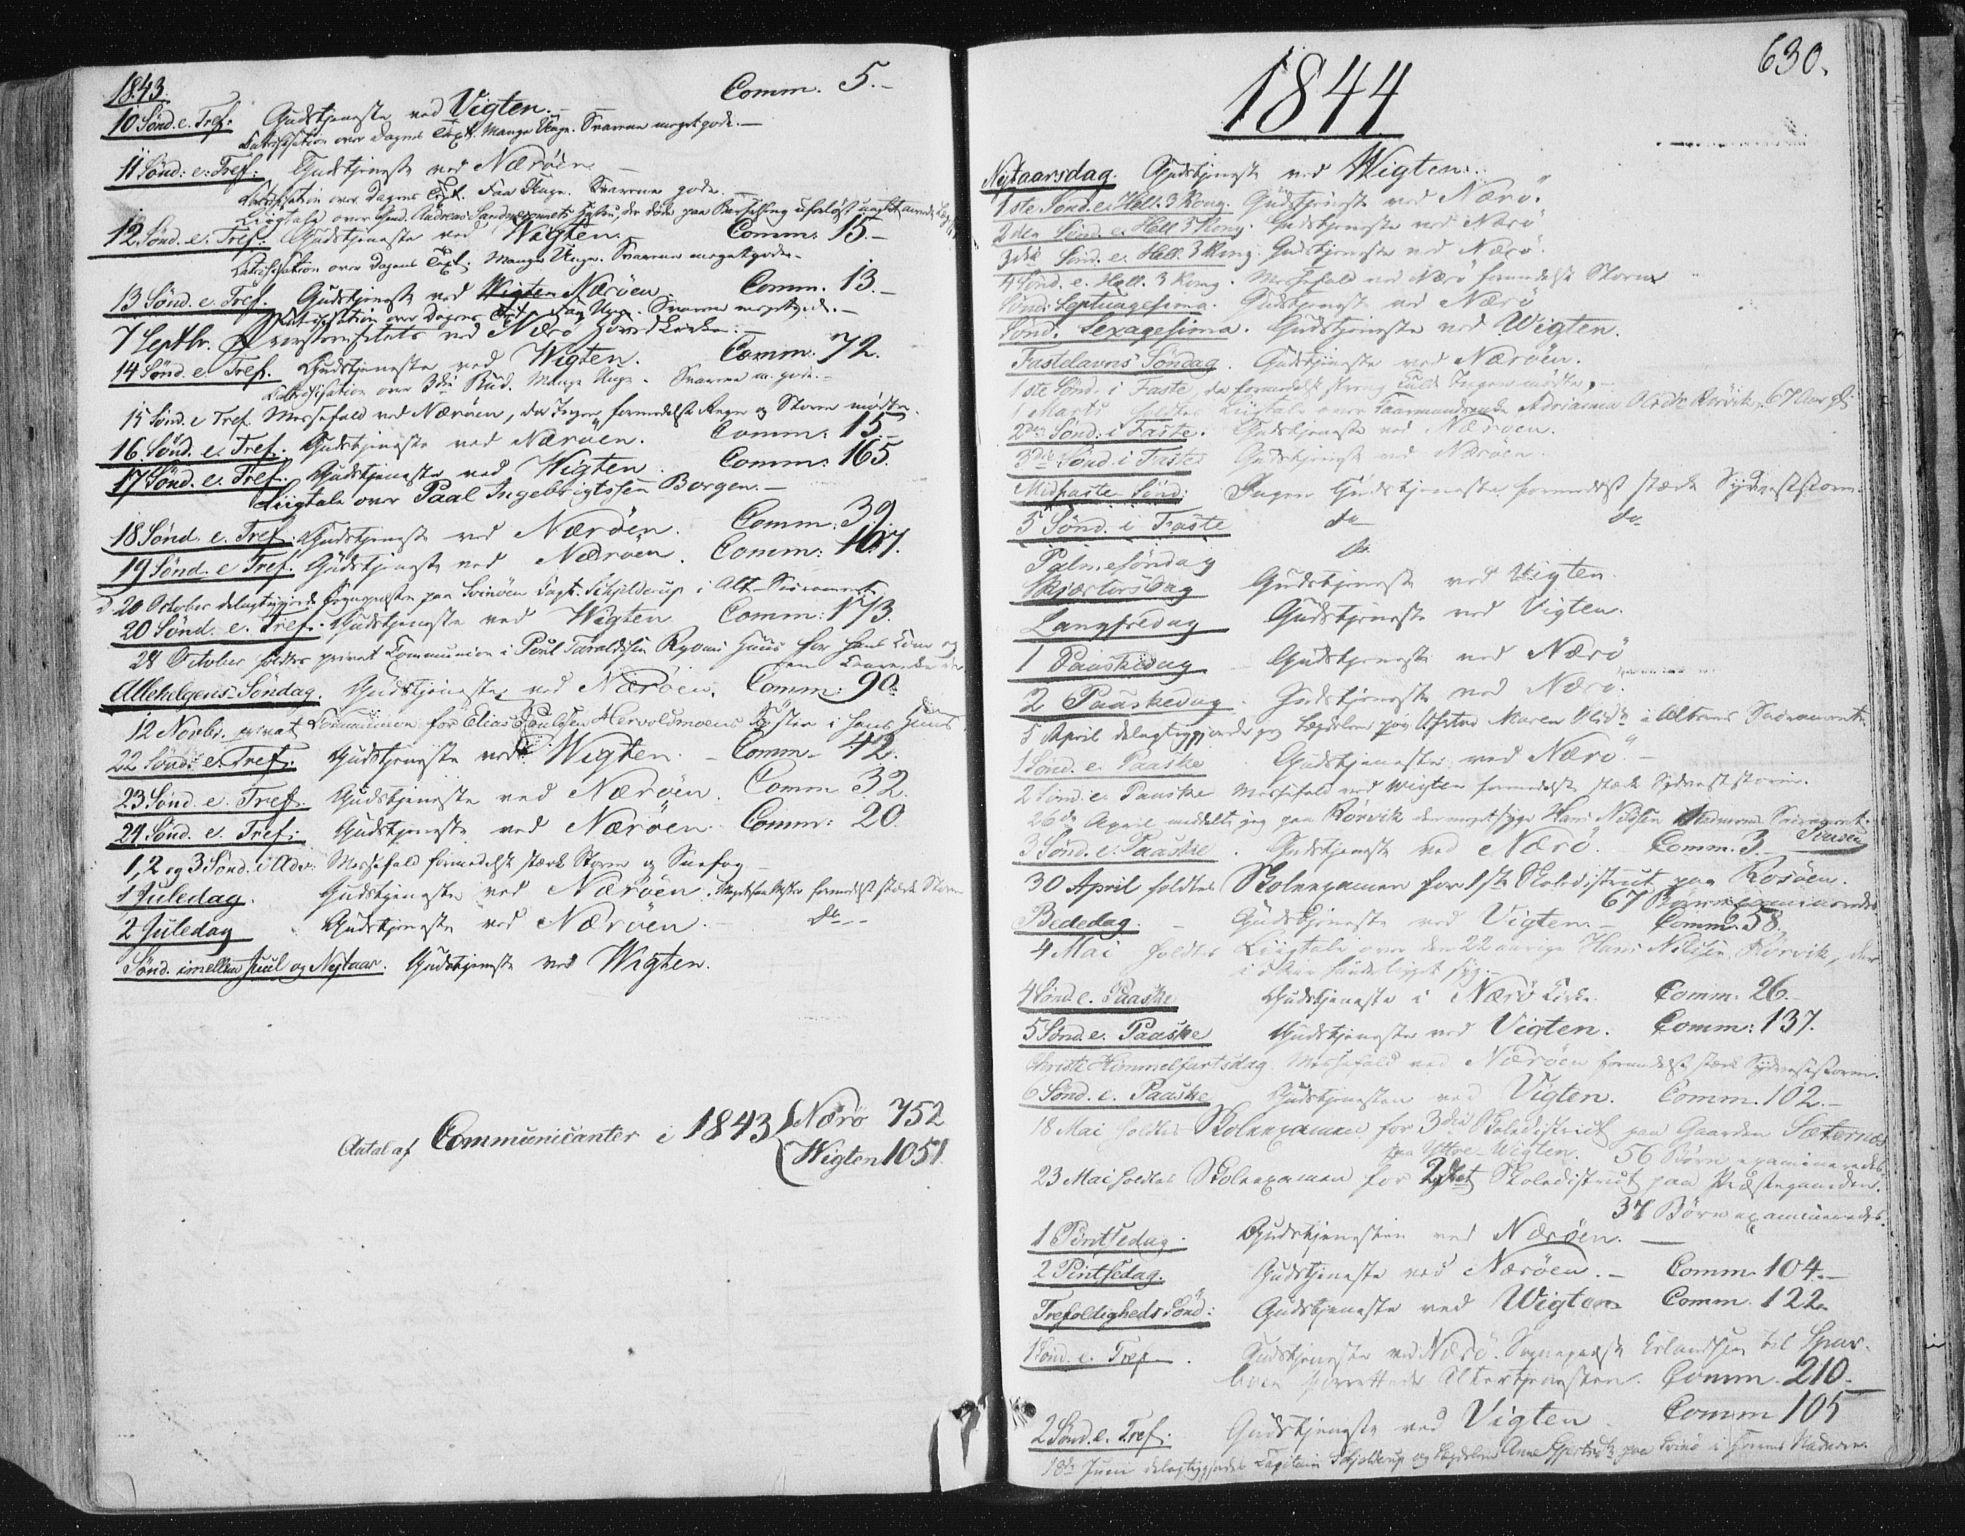 SAT, Ministerialprotokoller, klokkerbøker og fødselsregistre - Nord-Trøndelag, 784/L0669: Ministerialbok nr. 784A04, 1829-1859, s. 630